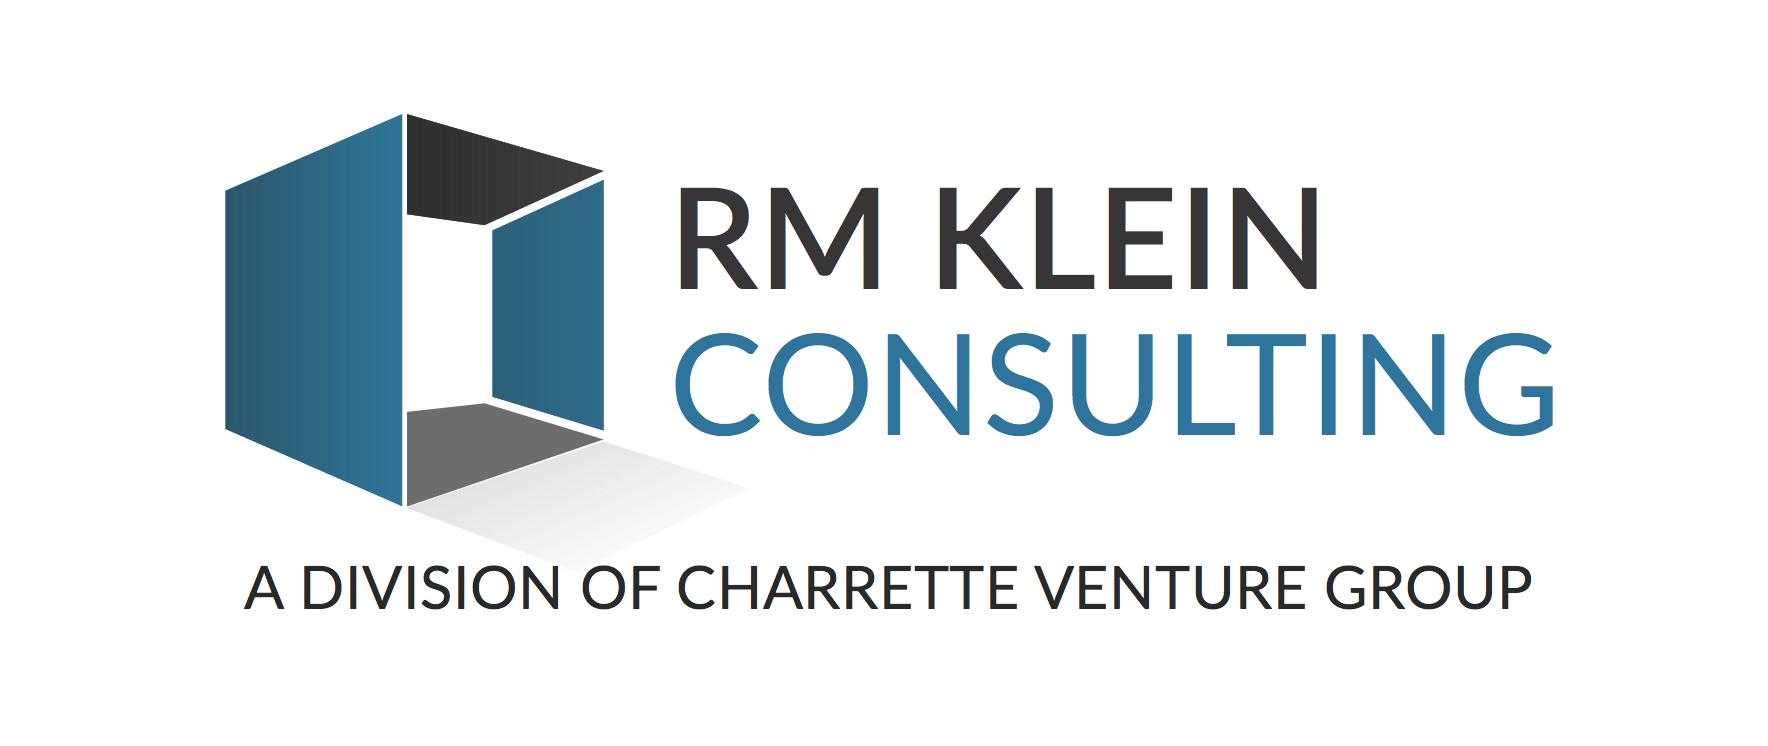 rmk-logo-rev2.png